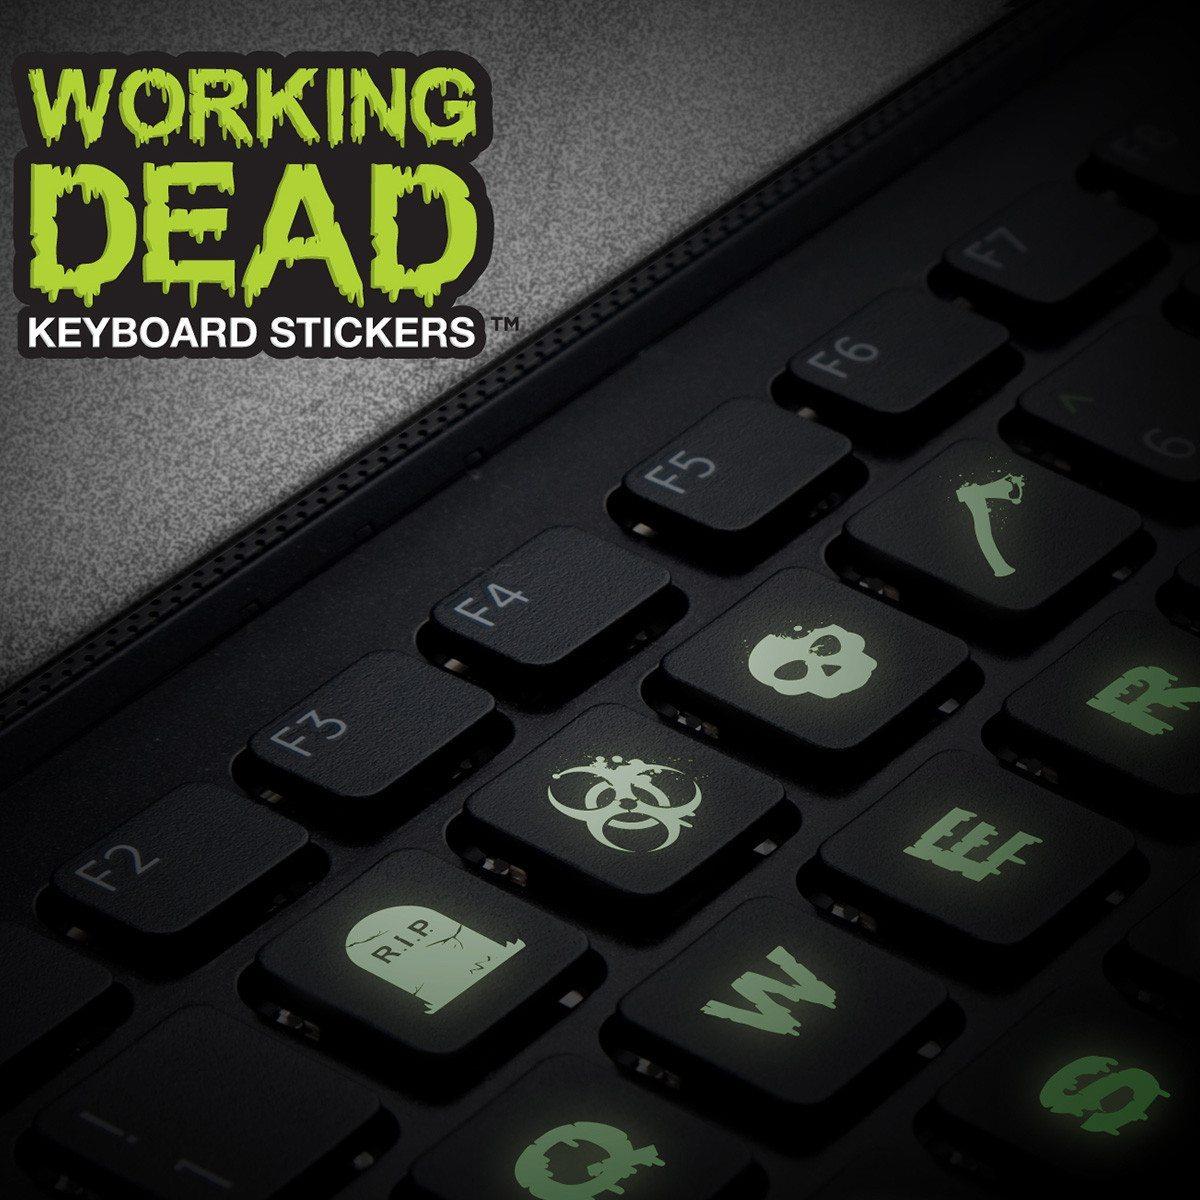 """""""The Working dead"""" - leuchtende Tastatur-Sticker"""